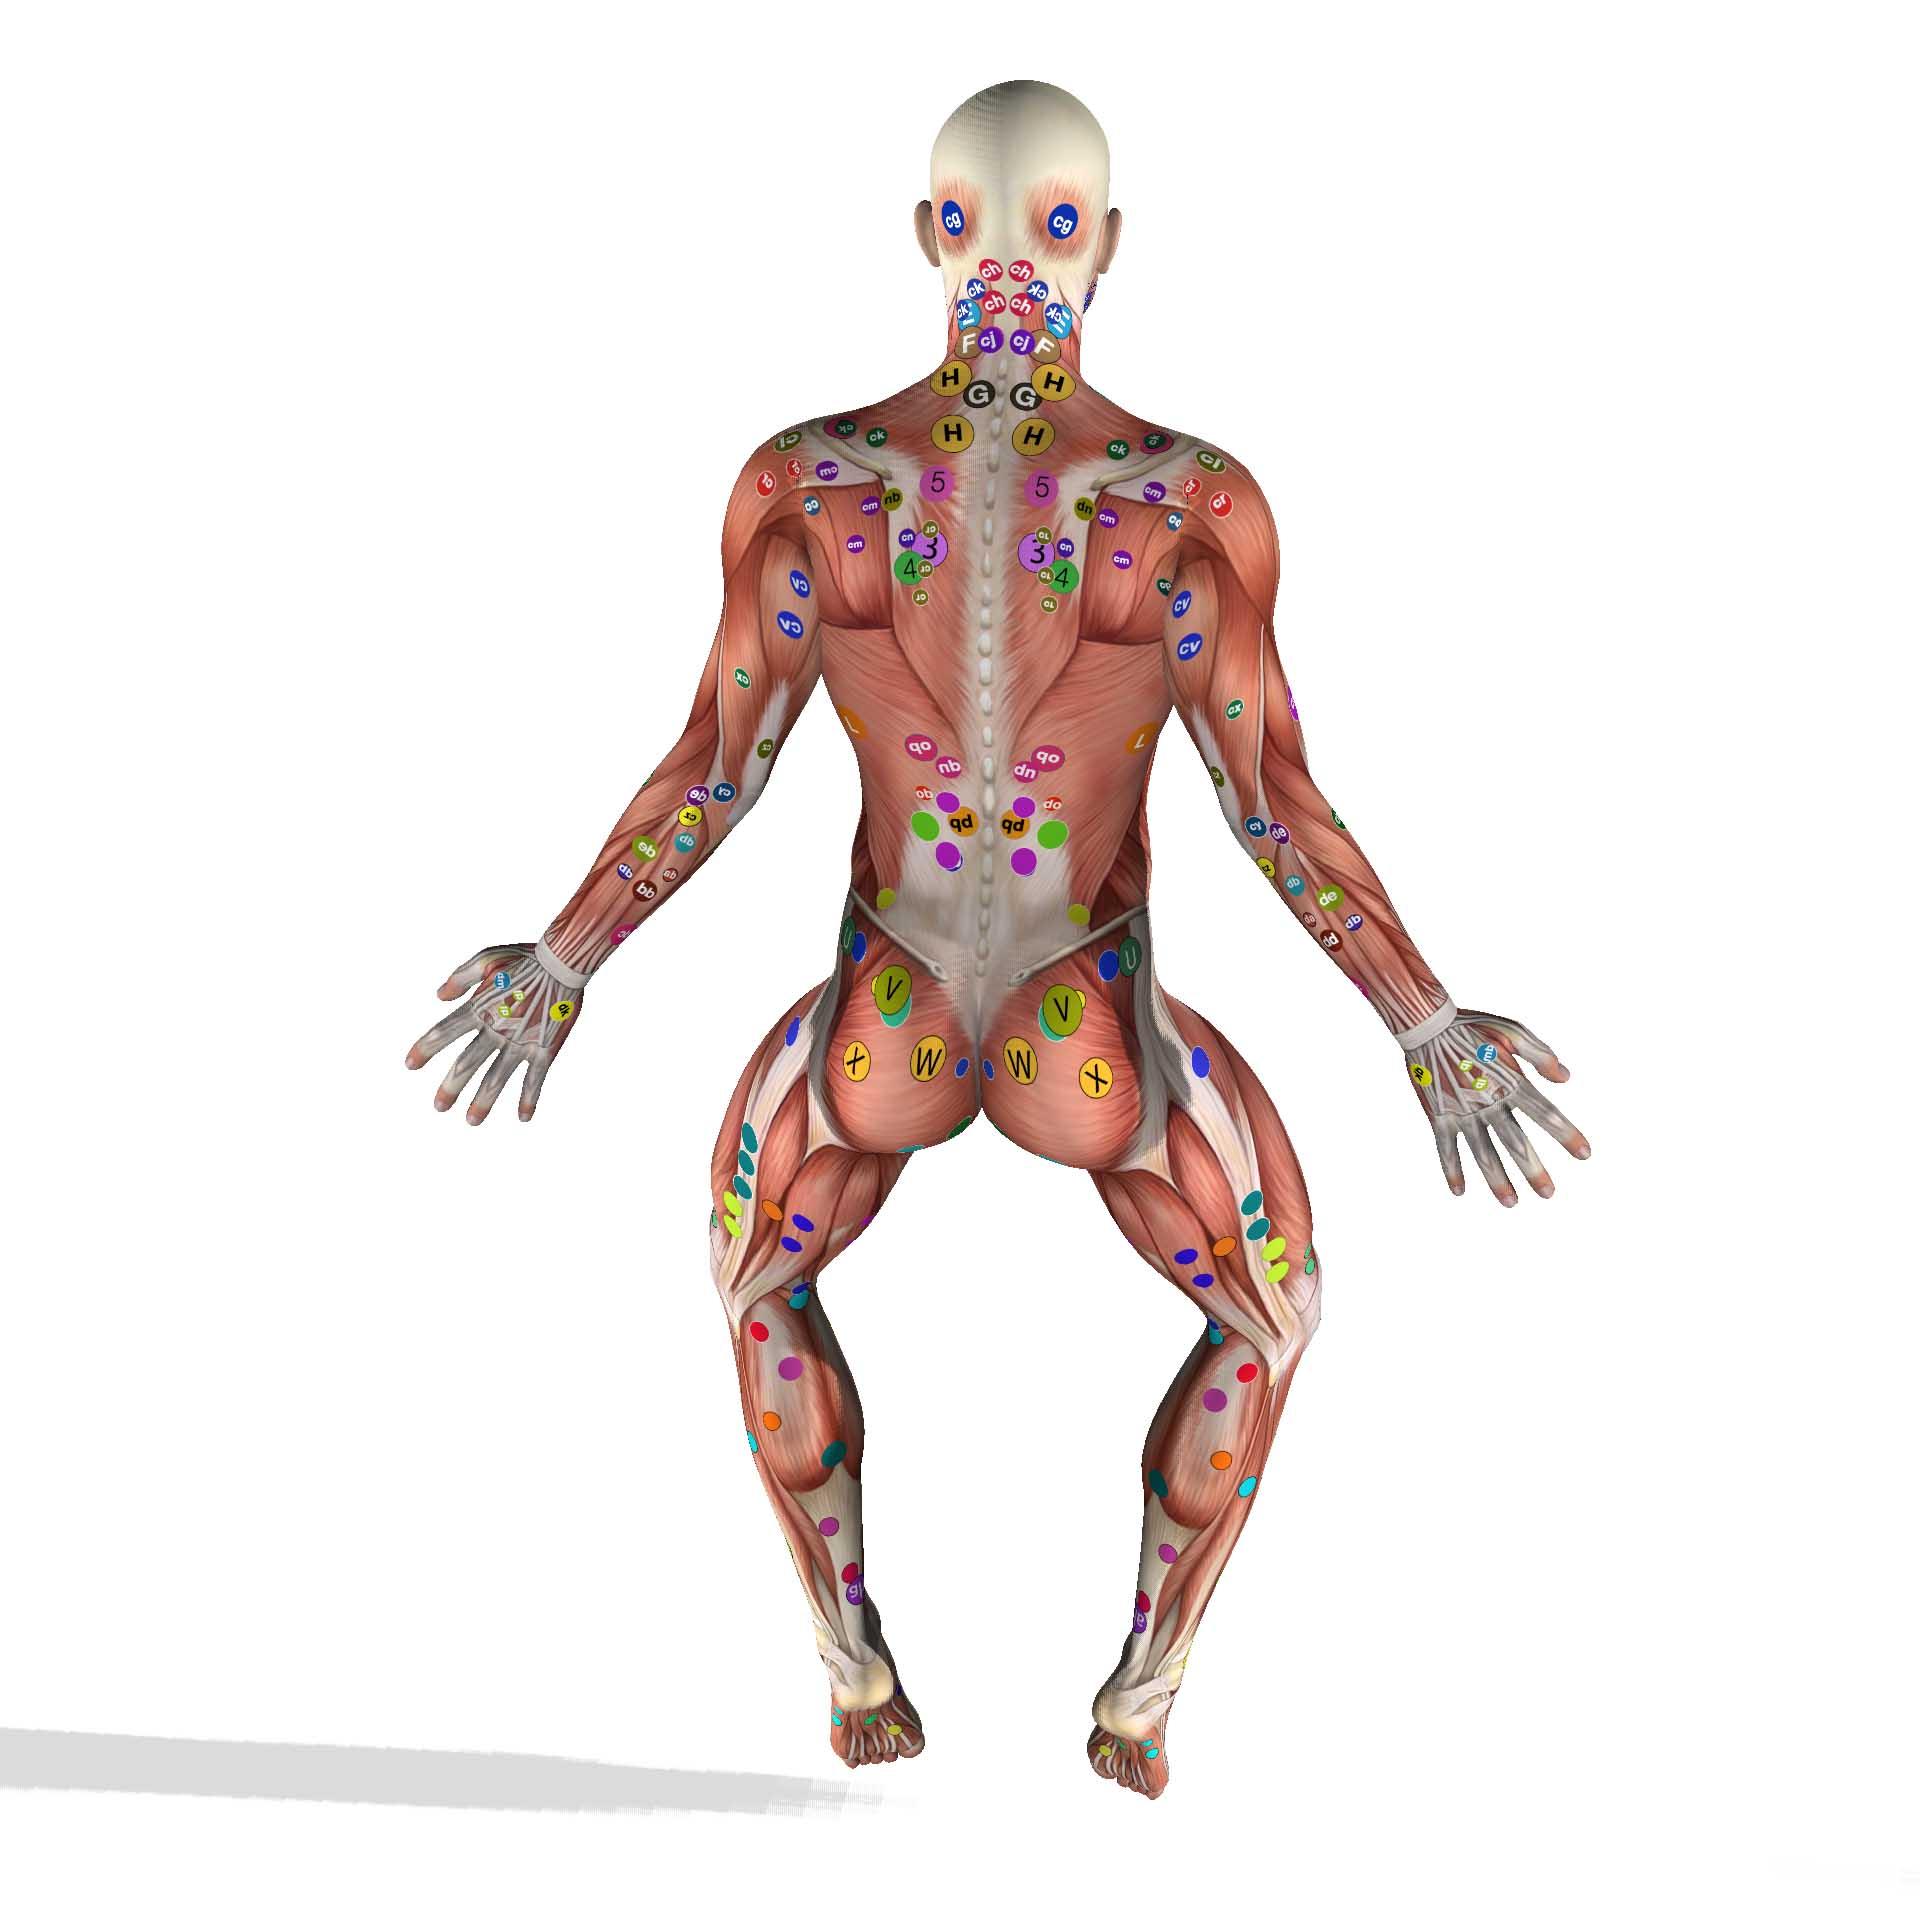 Myofascial adhesions